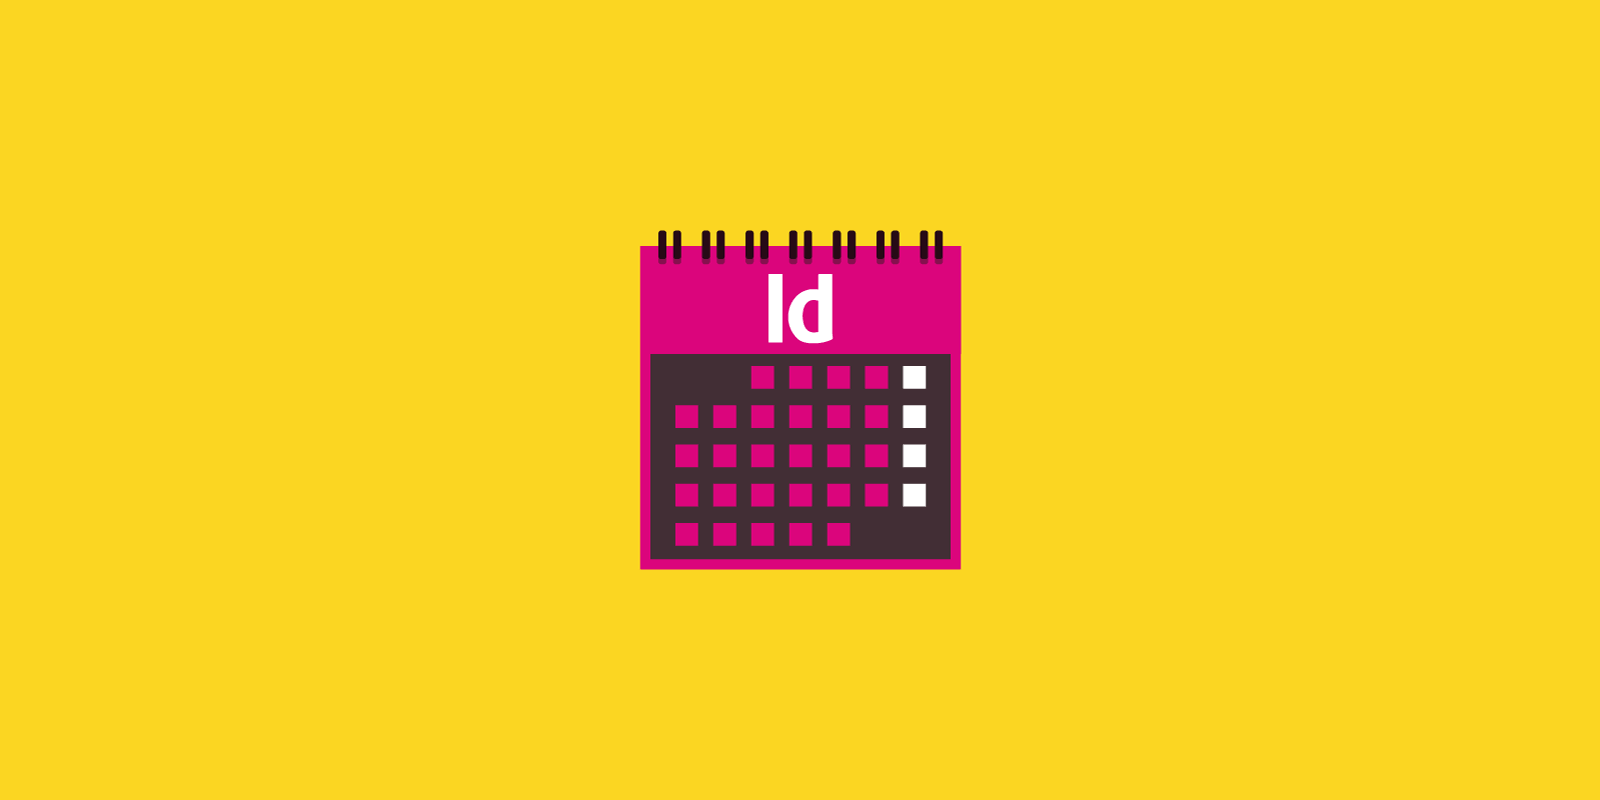 Calendario Indesign.Smart Calendar Come Creare Un Calendario Con Indesign Con